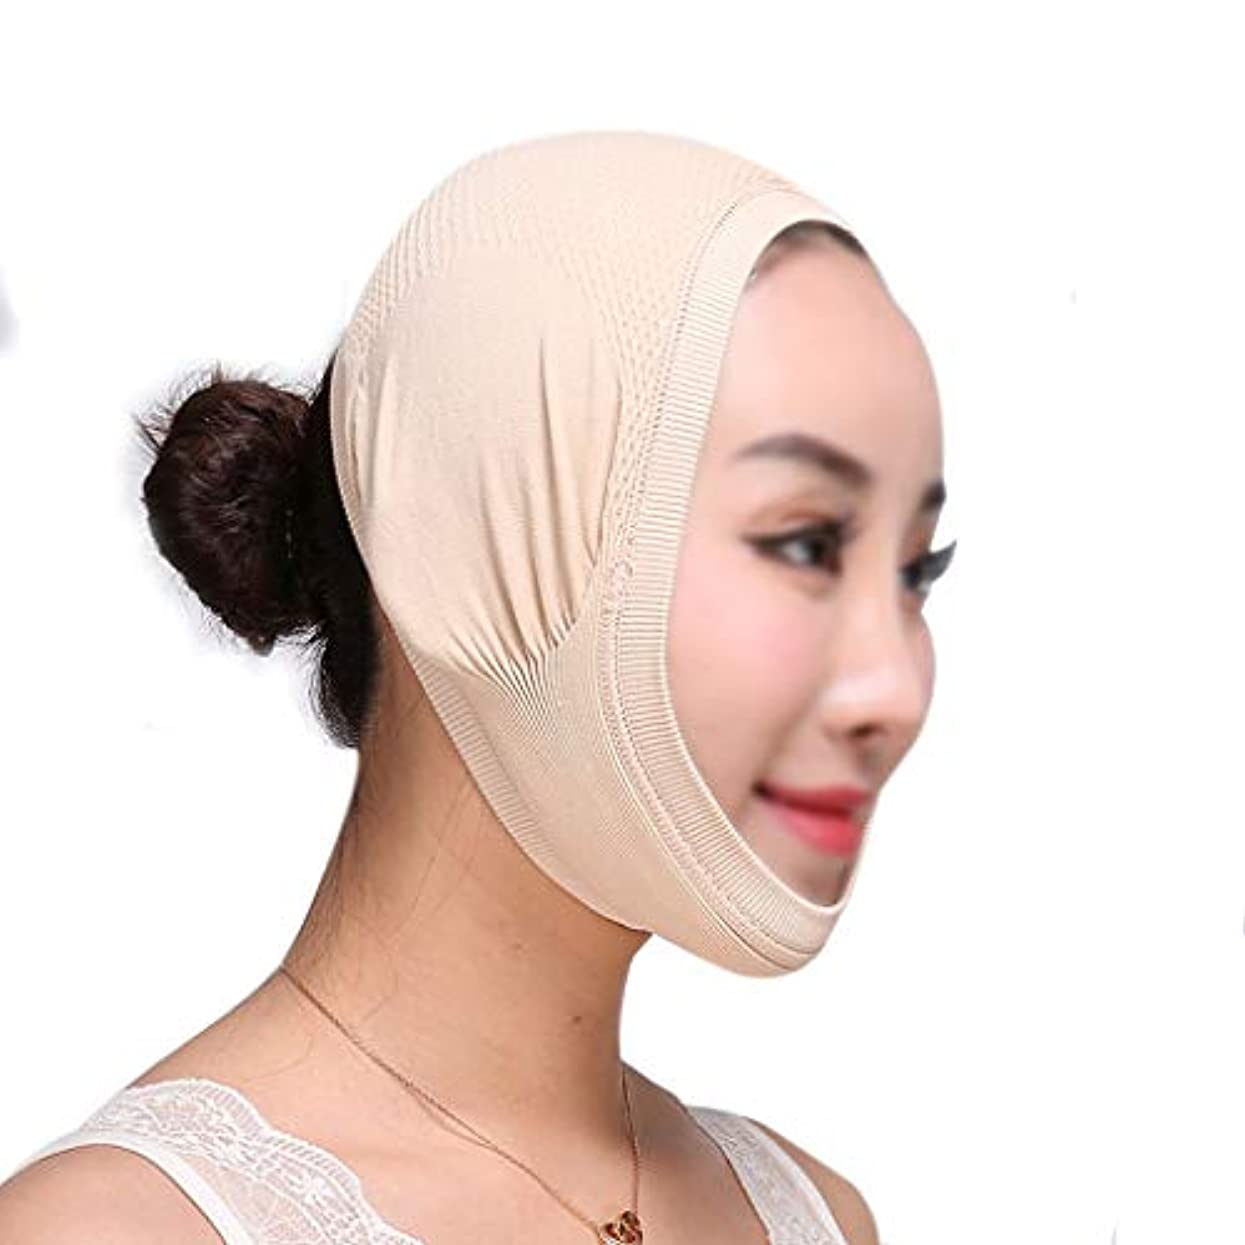 レコーダー起訴するパートナーTLMY フェイスリフティング包帯術後回復マスクリフティング包帯薄い顔アーティファクト薄い二重あご薄い筋肉マスク 顔用整形マスク (Color : Skin tone(B))